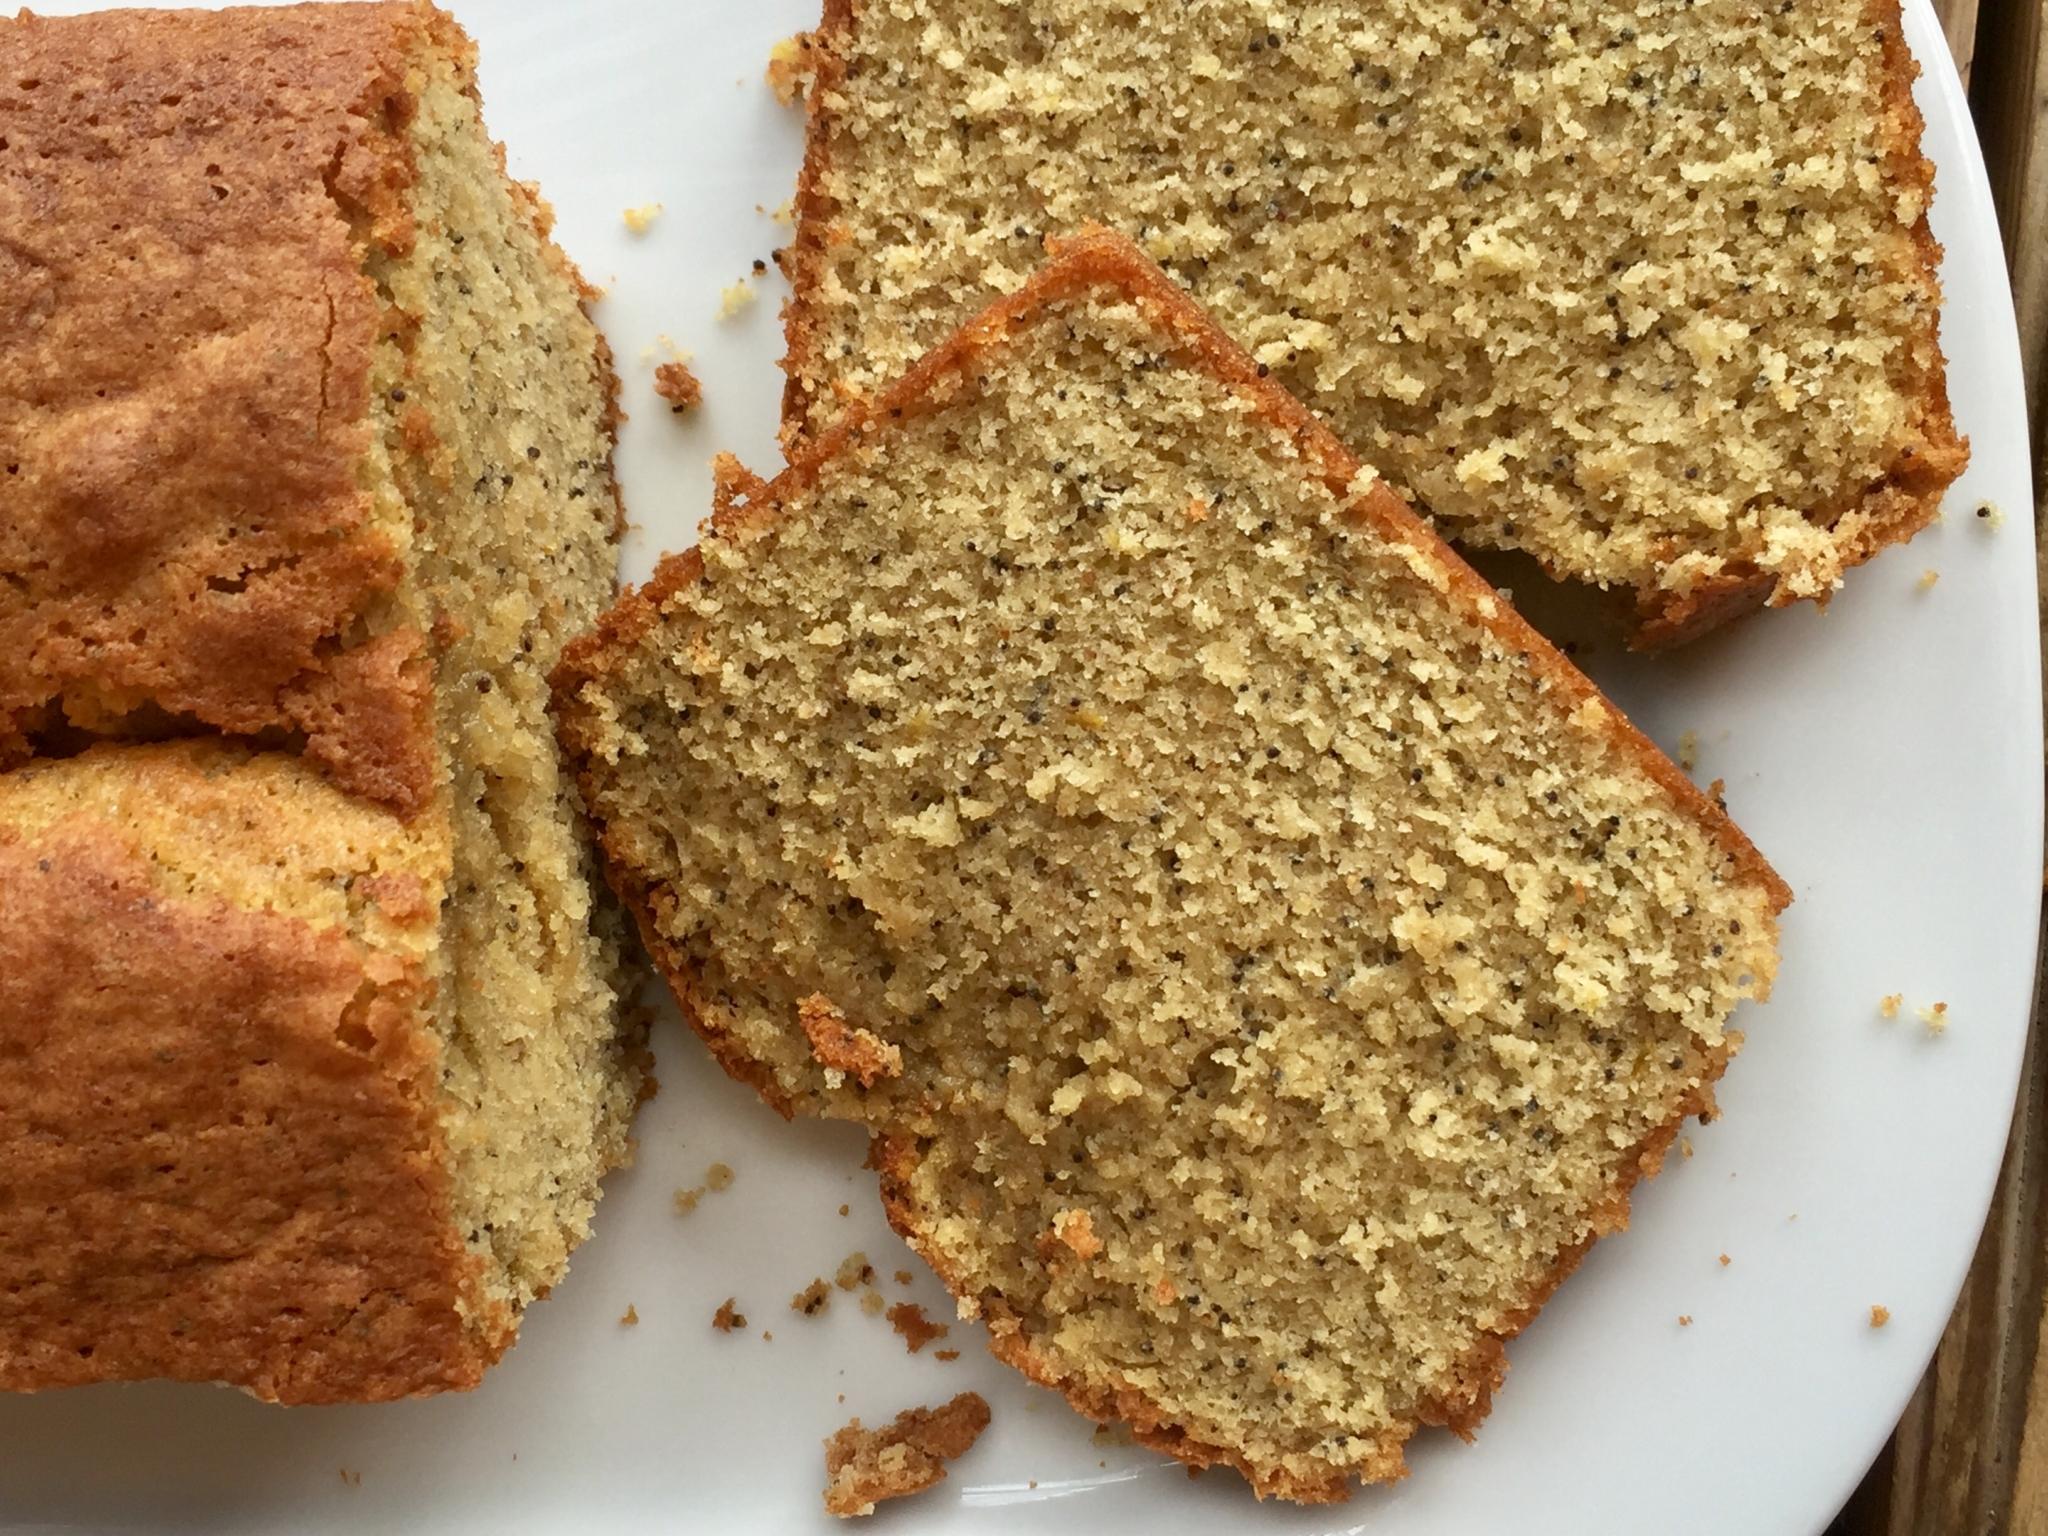 Cake citron pavot de Christophe Adam adapté sans gluten